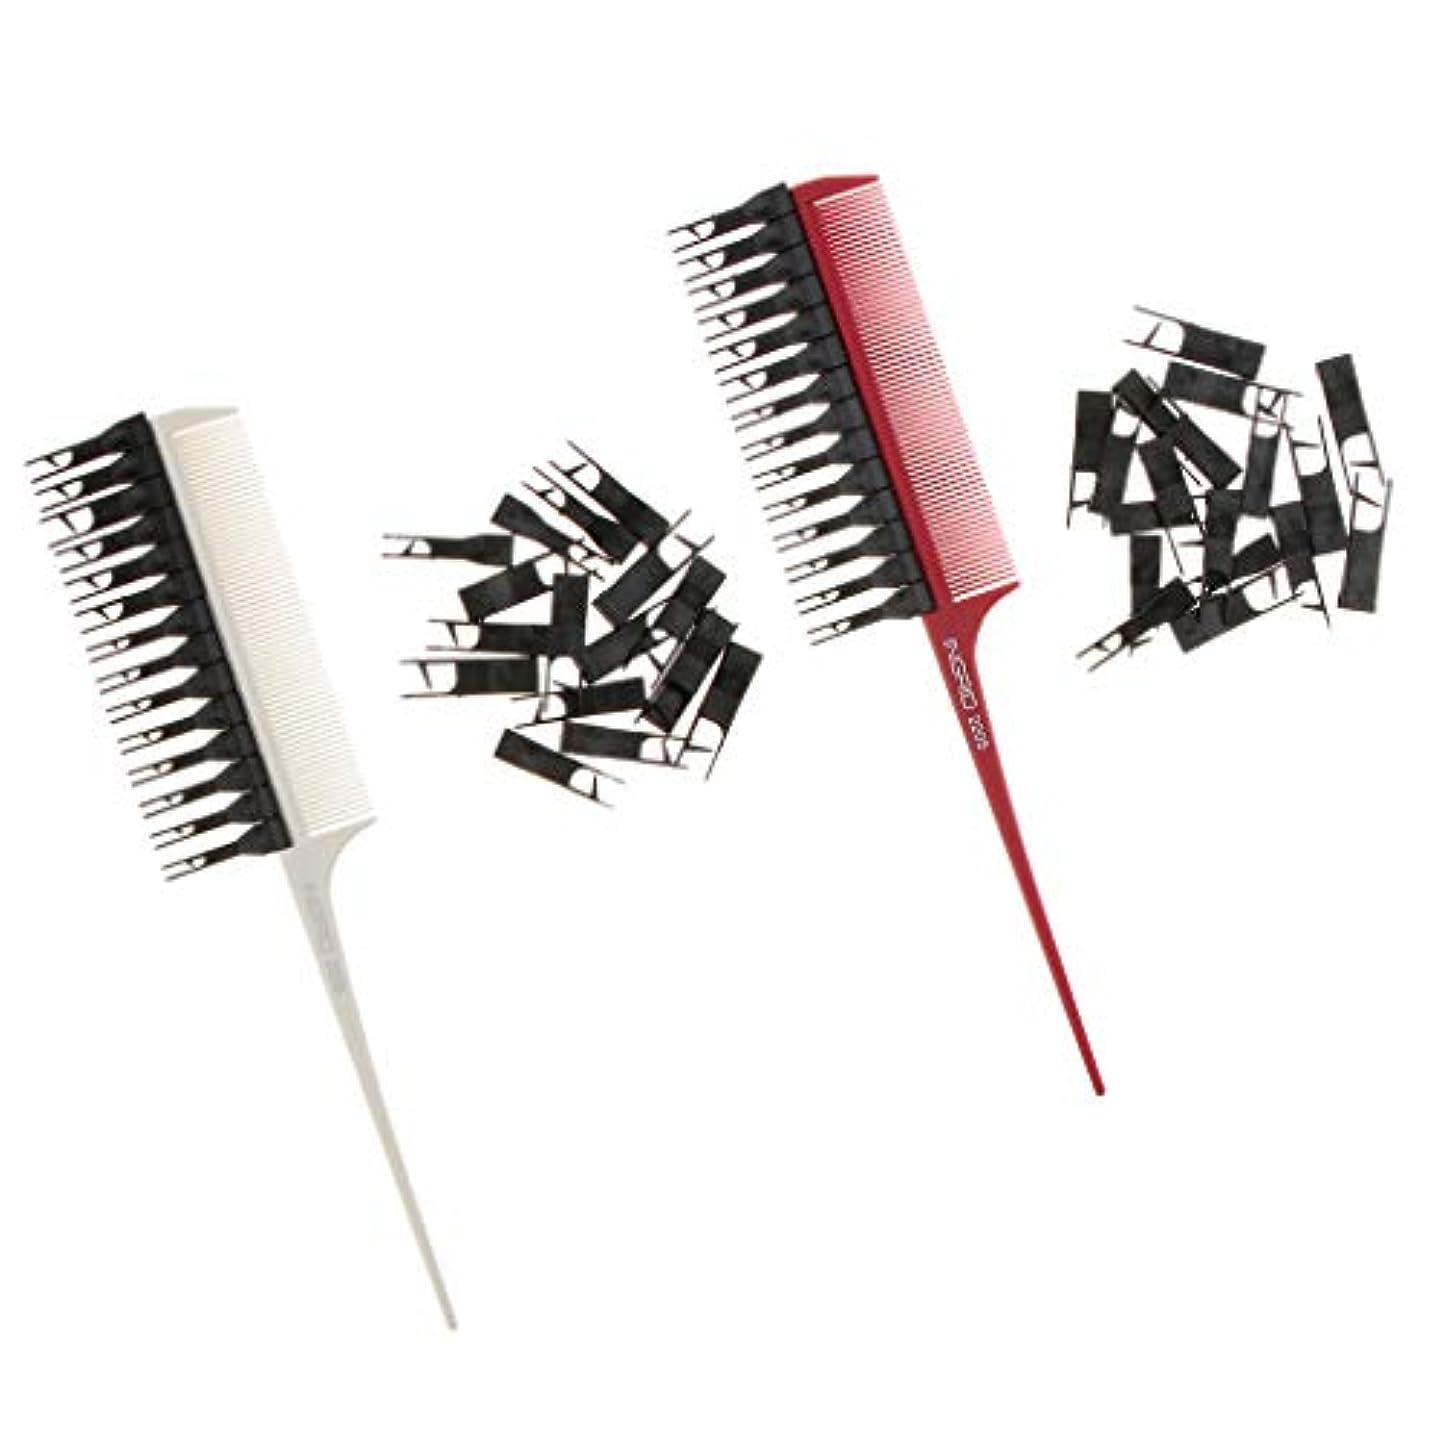 噴火出発する誇りに思う髪染めブラシ 織りハイライト櫛 ハイライト プラスチック 2個セット